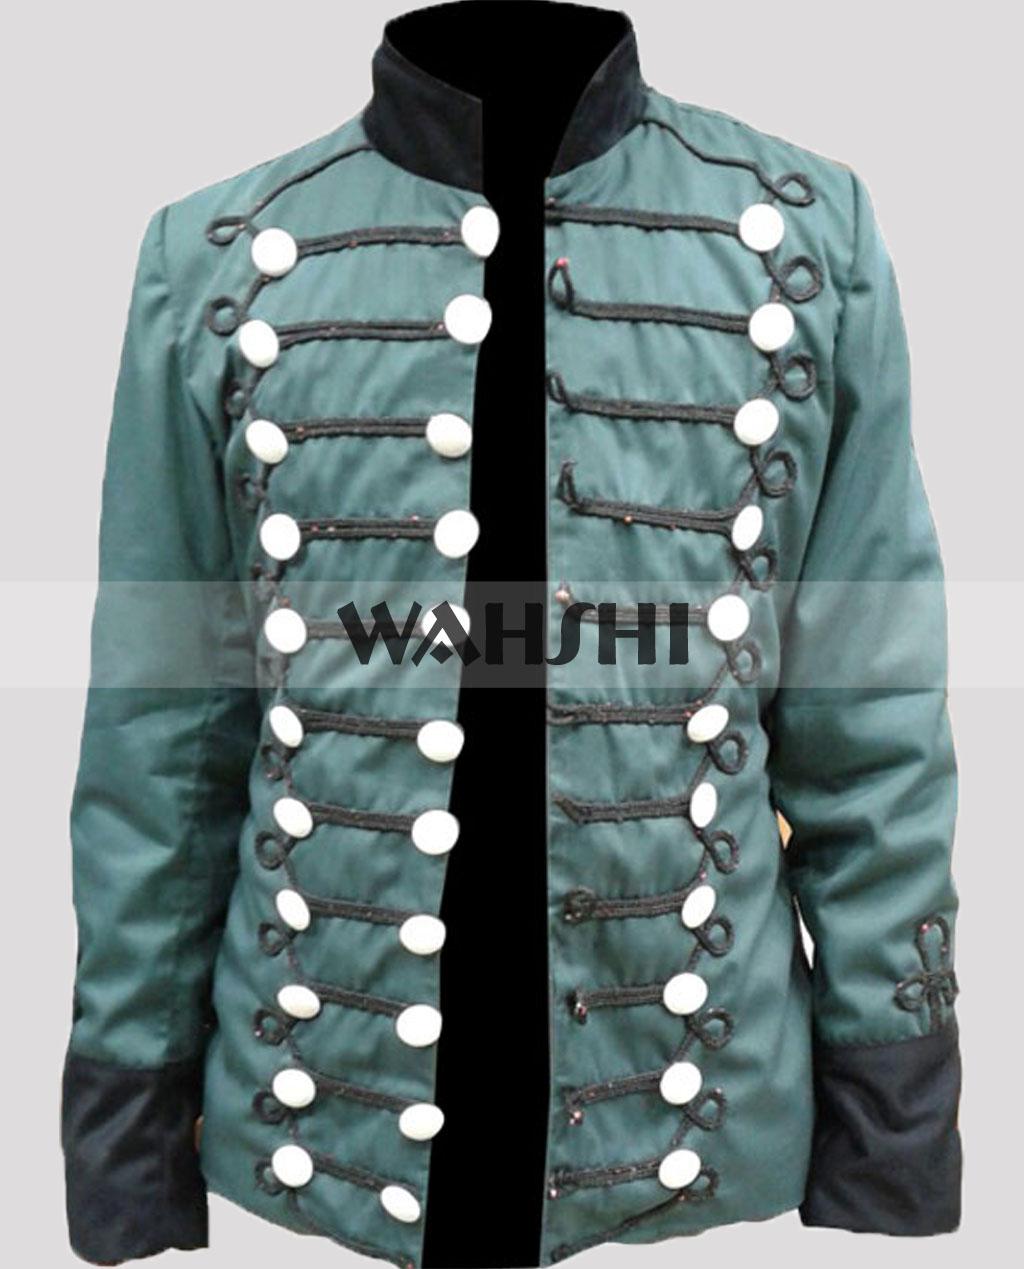 sean-bean-95th-military-jacket